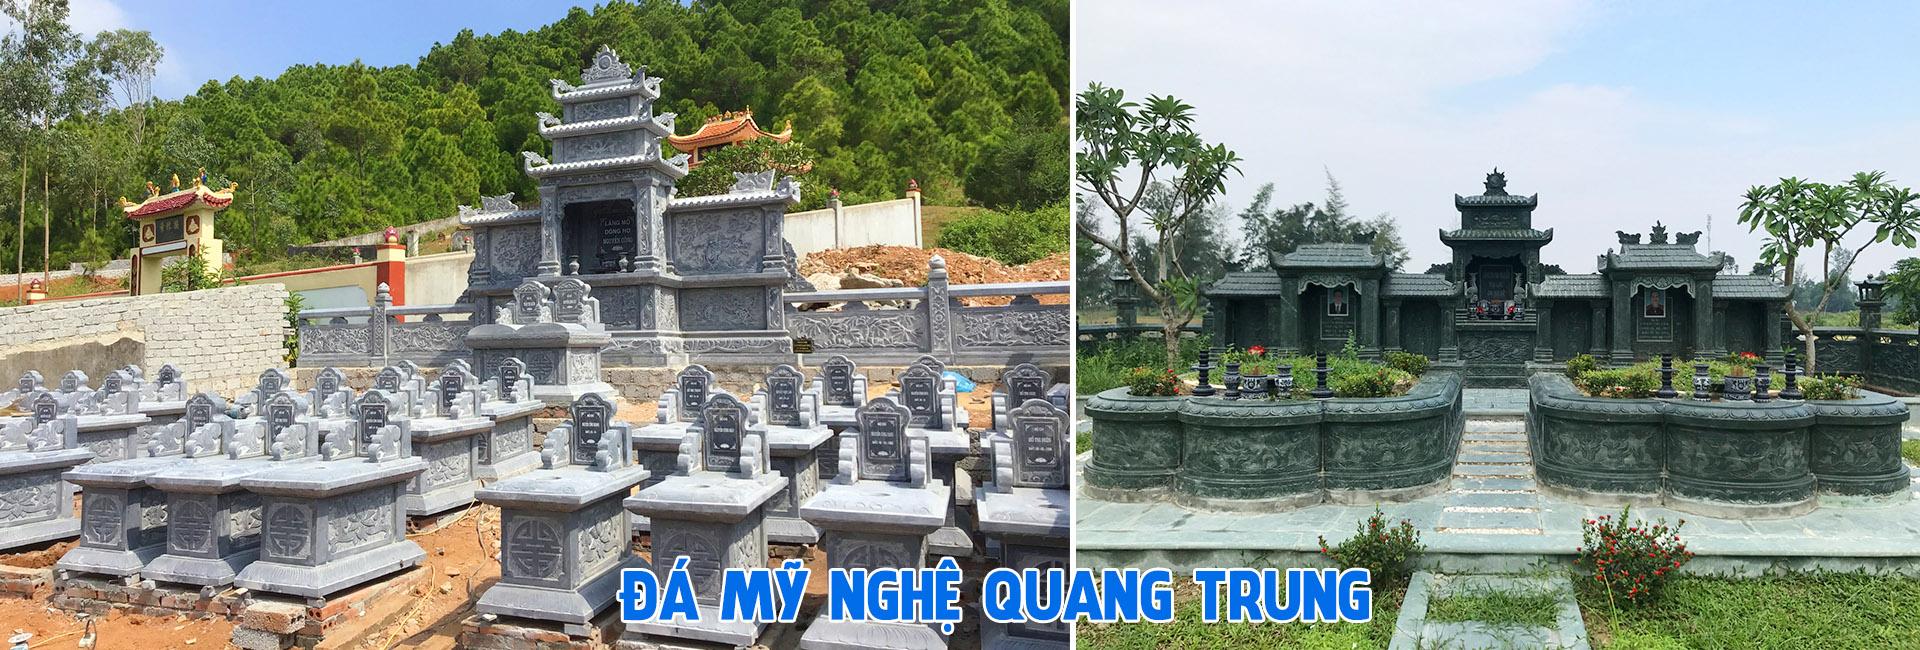 Đá mỹ nghệ Quang Trung - Mộ đá, Mẫu mộ đá, Mộ đá đẹp